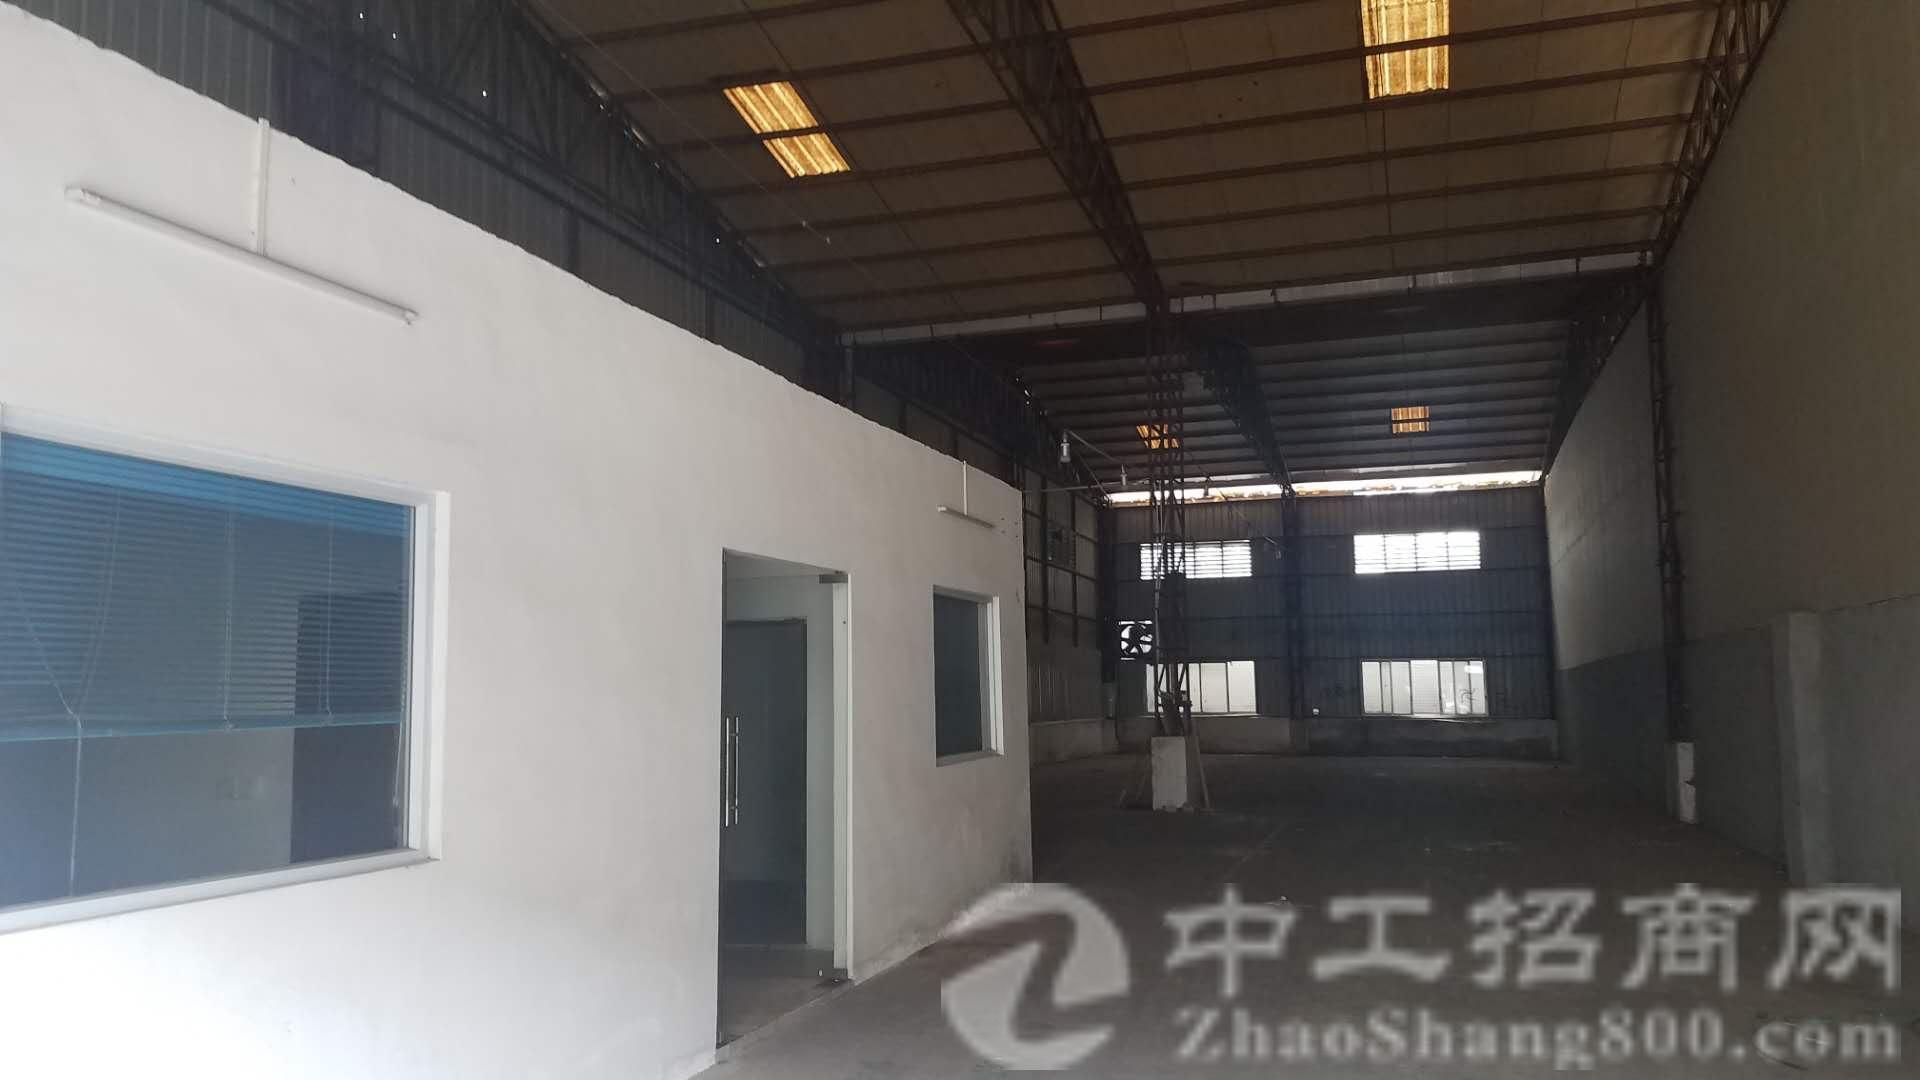 寮夏村单一层滴水7.5米到顶9米钢结构厂房1600方,可分租